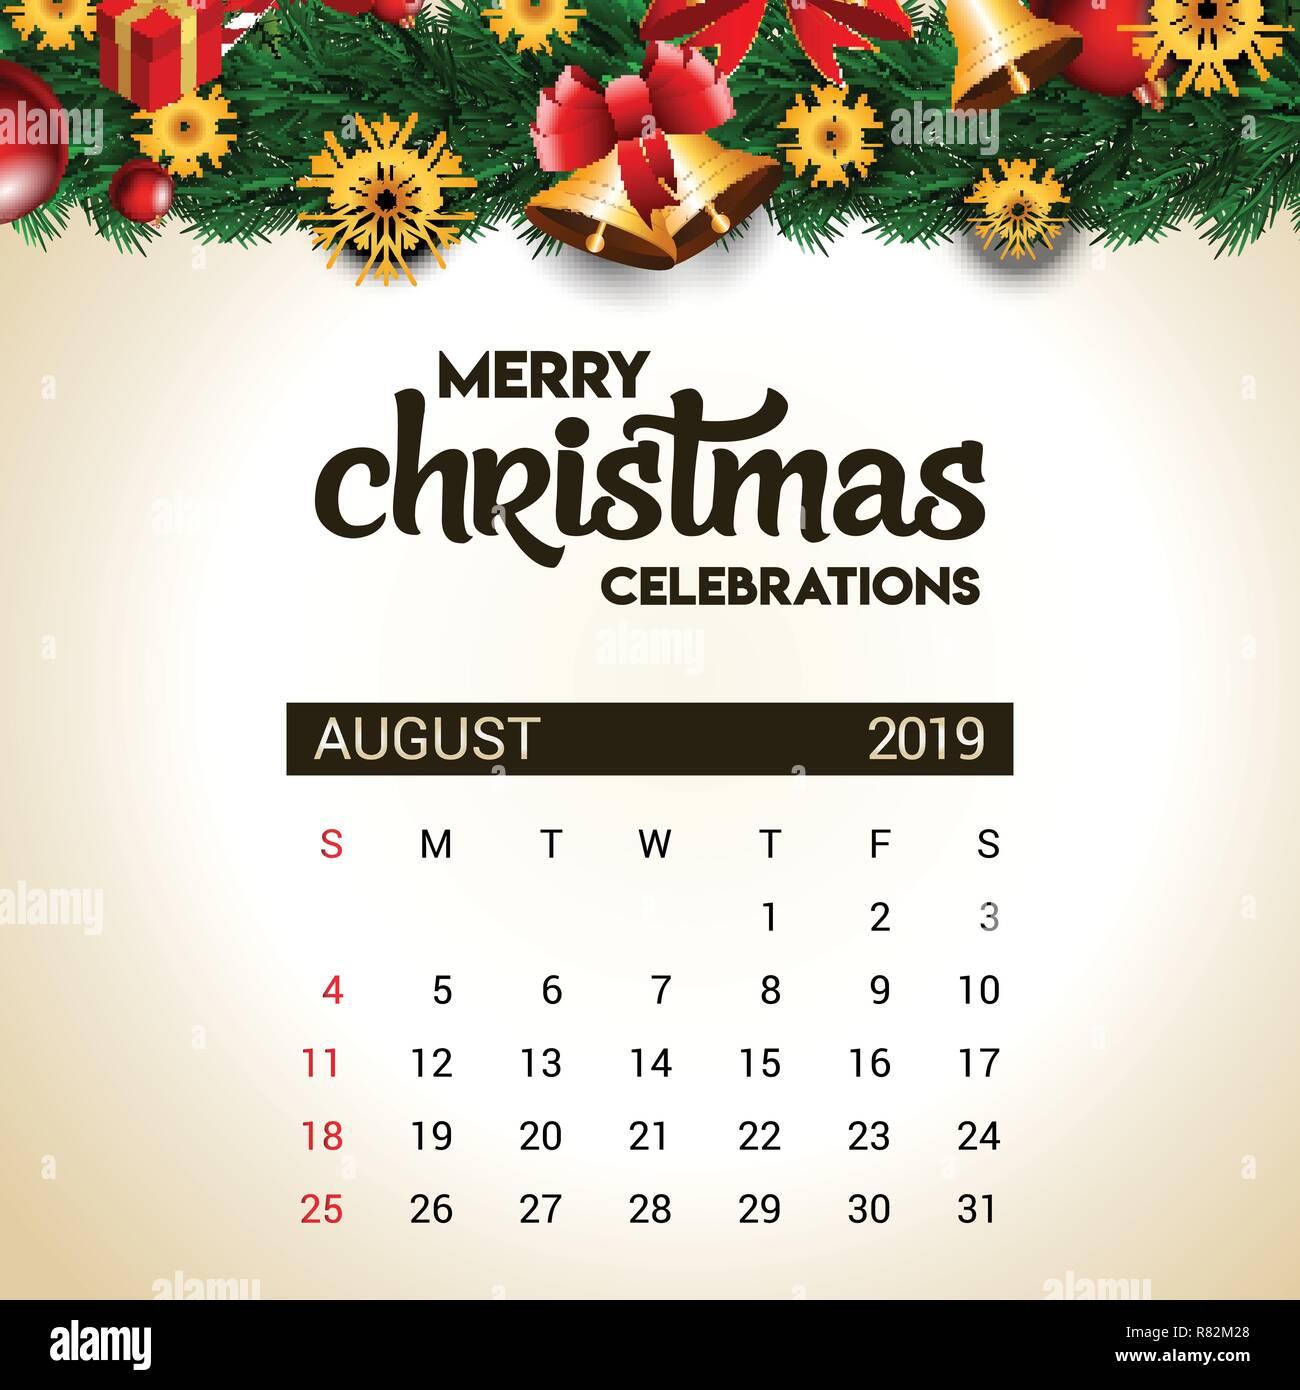 Calendario De Agosto 2019 Decorado.2019 Agosto Plantilla Diseno De Calendario De Navidad O Ano